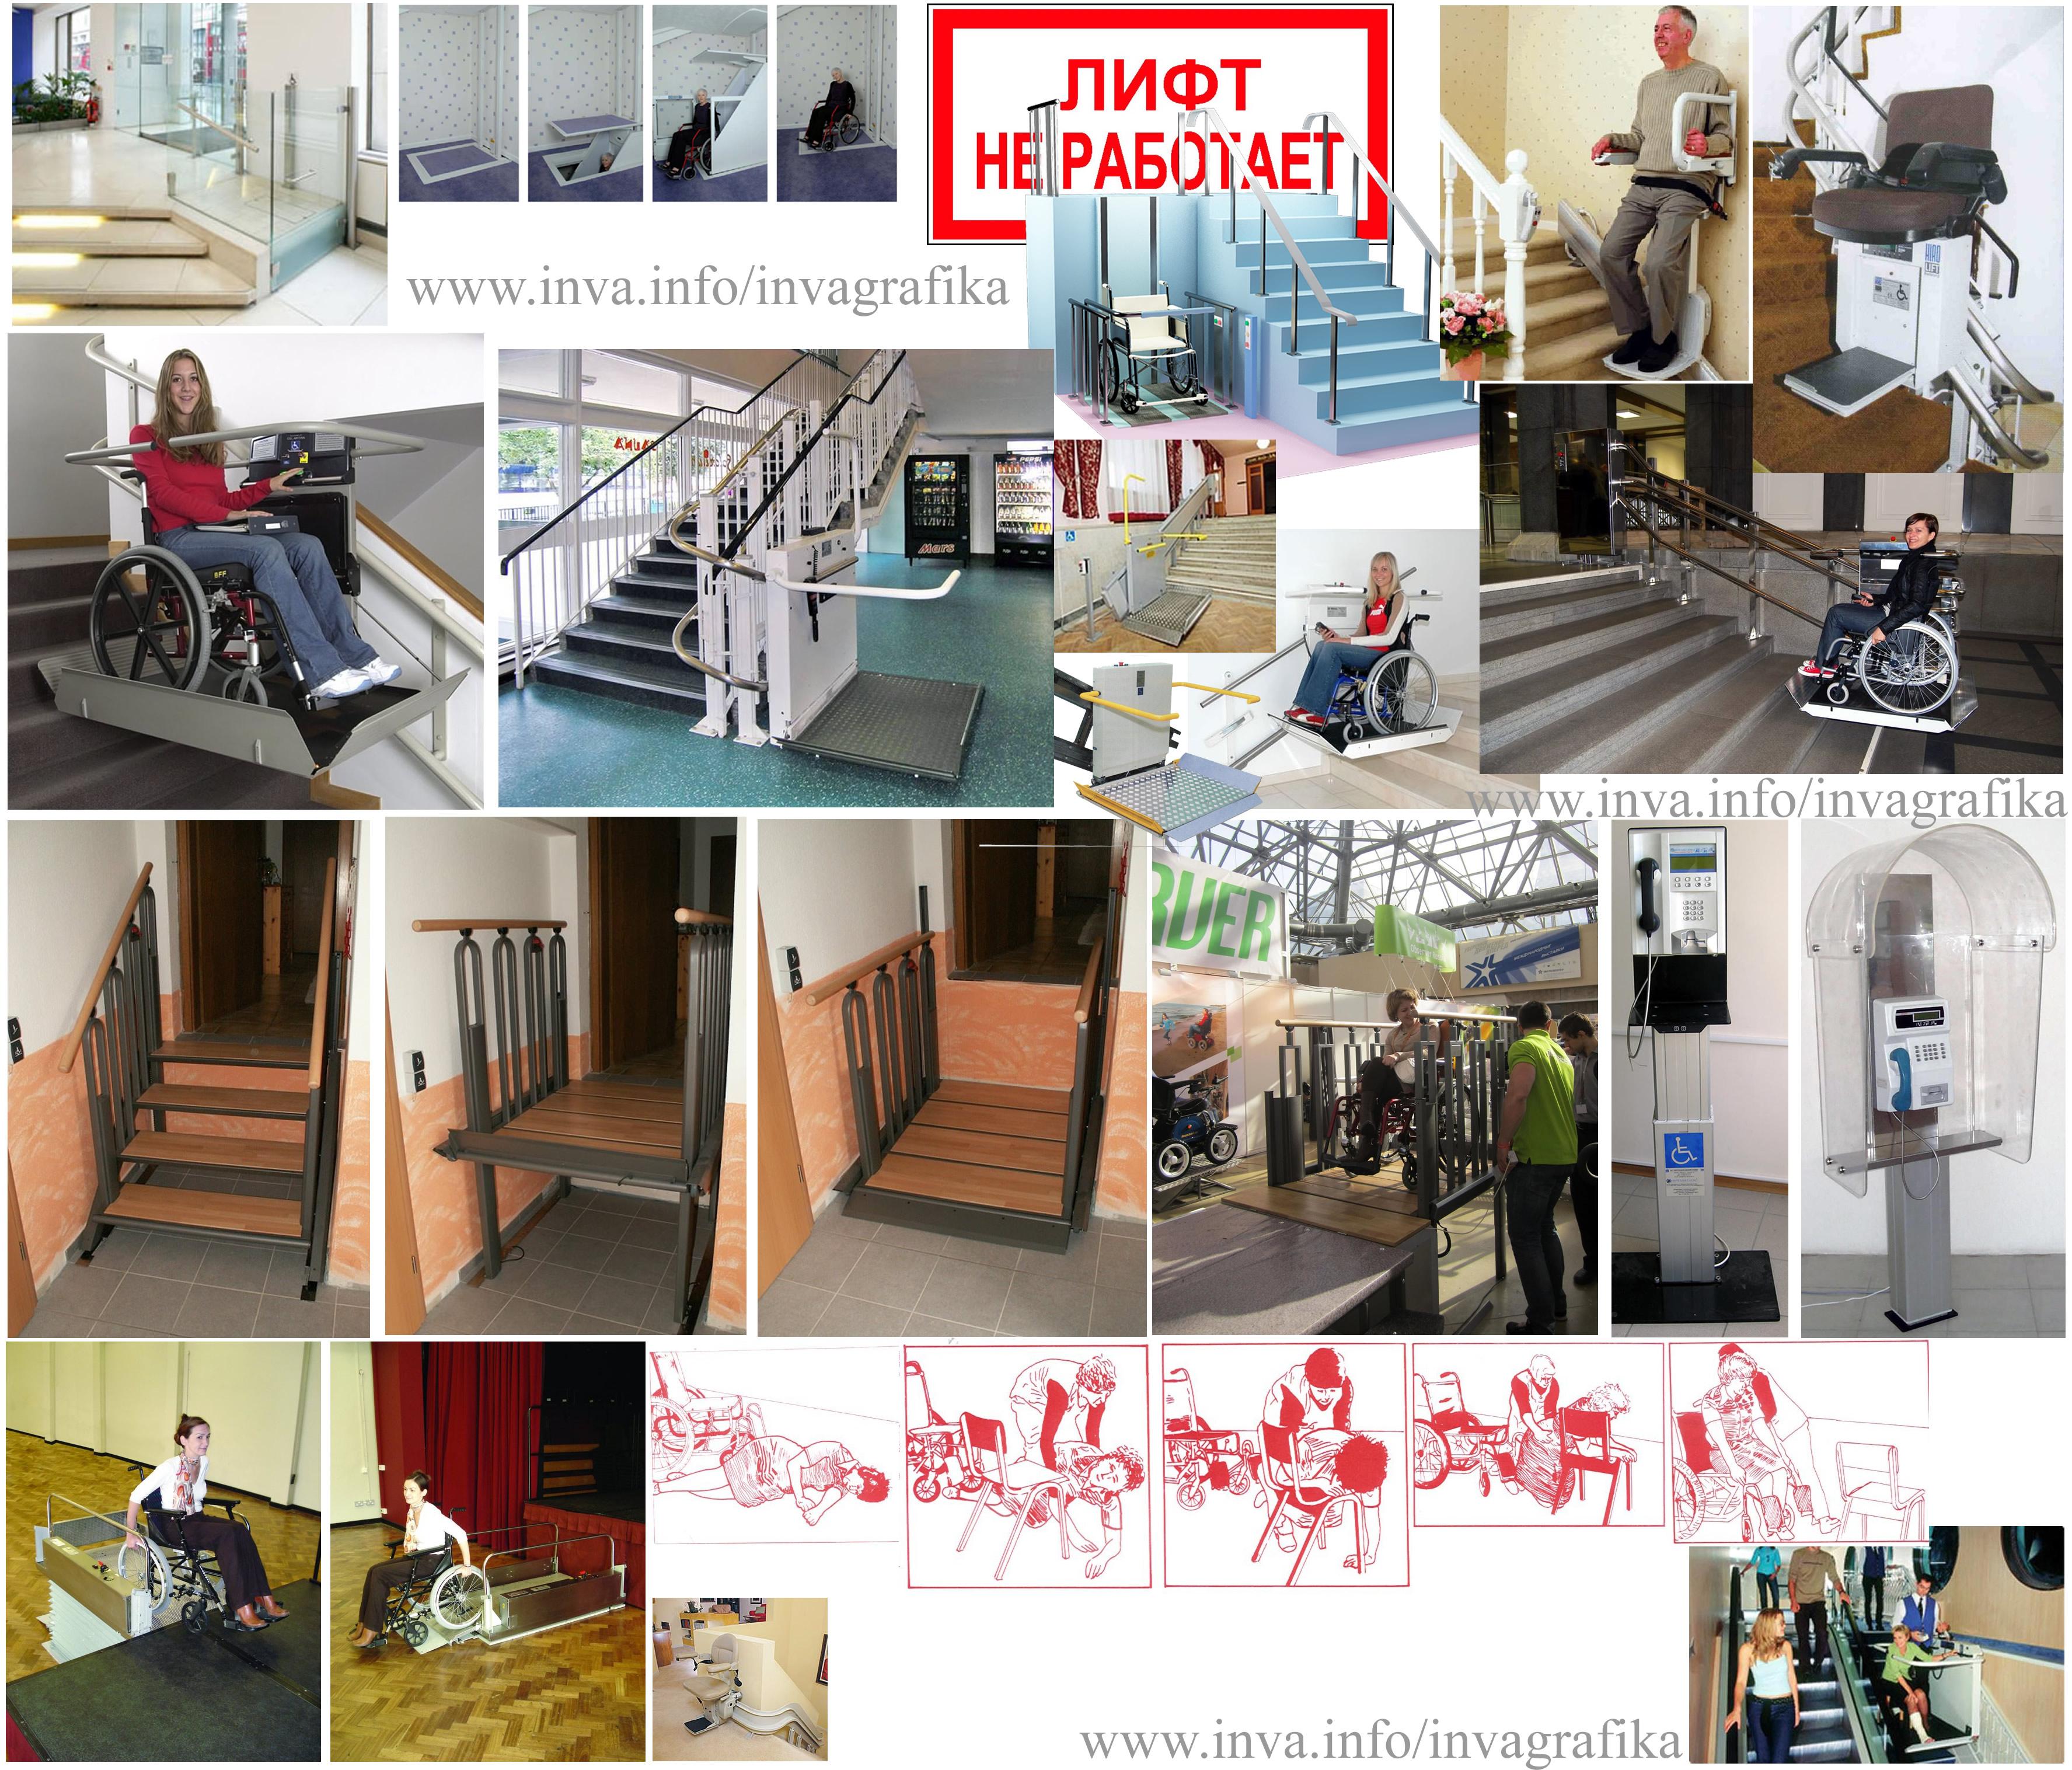 Подъёмники внутридомовые для инвалидной коляски, подъёмно-транспортное оборудование для маломобильных граждан. Подъемники для инвалидов наклонного перемещения